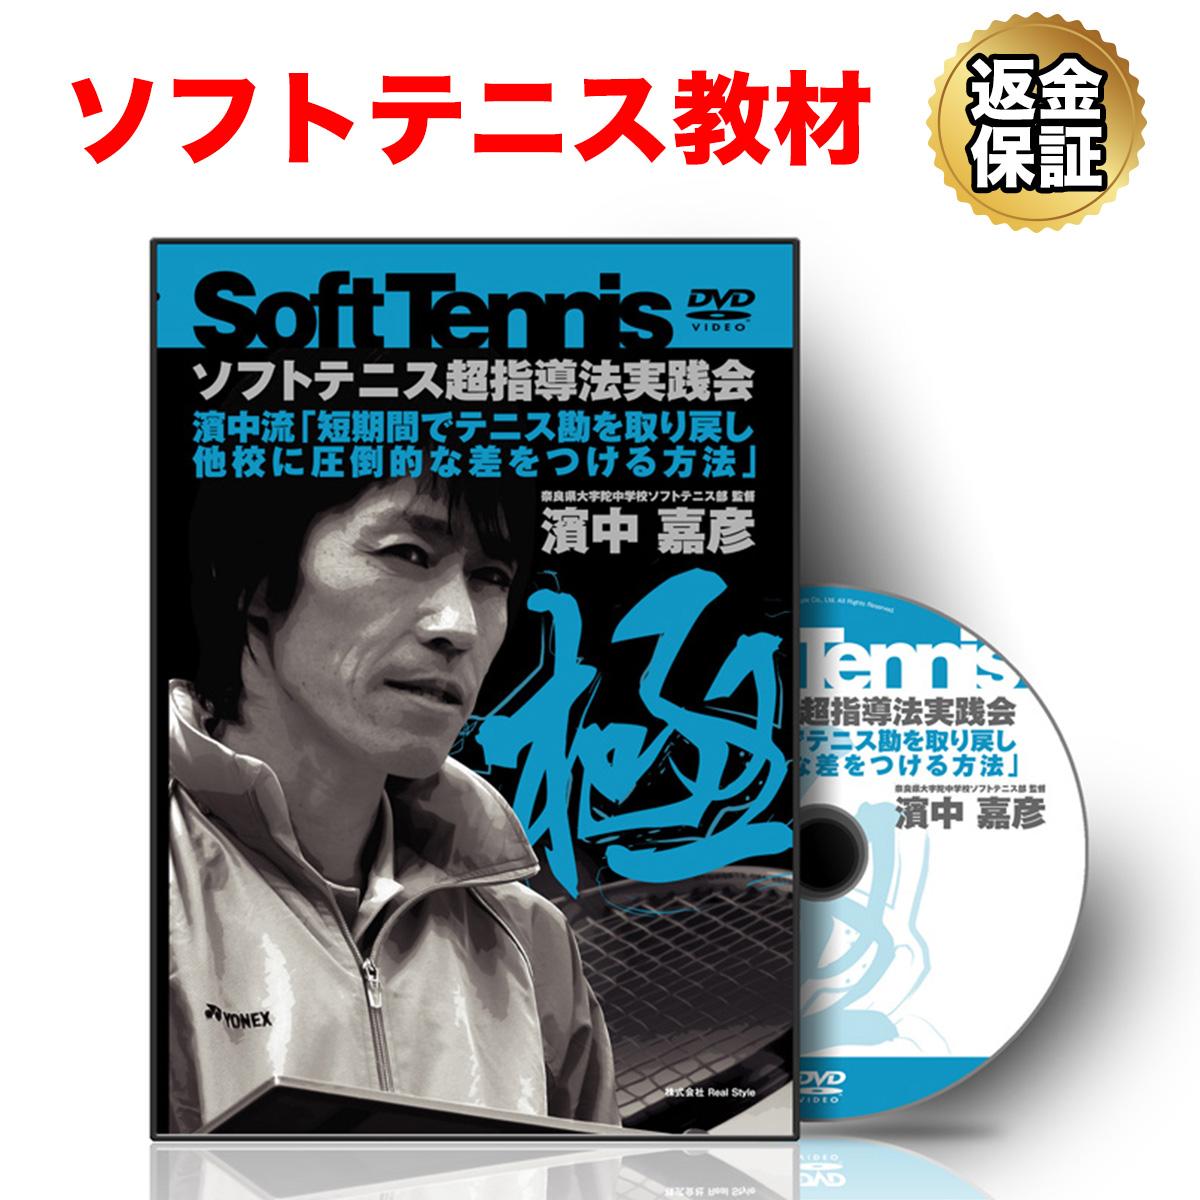 ソフトテニス 教材 新商品 新型 公式ショップ DVD 短期間でテニス勘を取り戻し他校に圧倒的な差をつける方法 濱中流